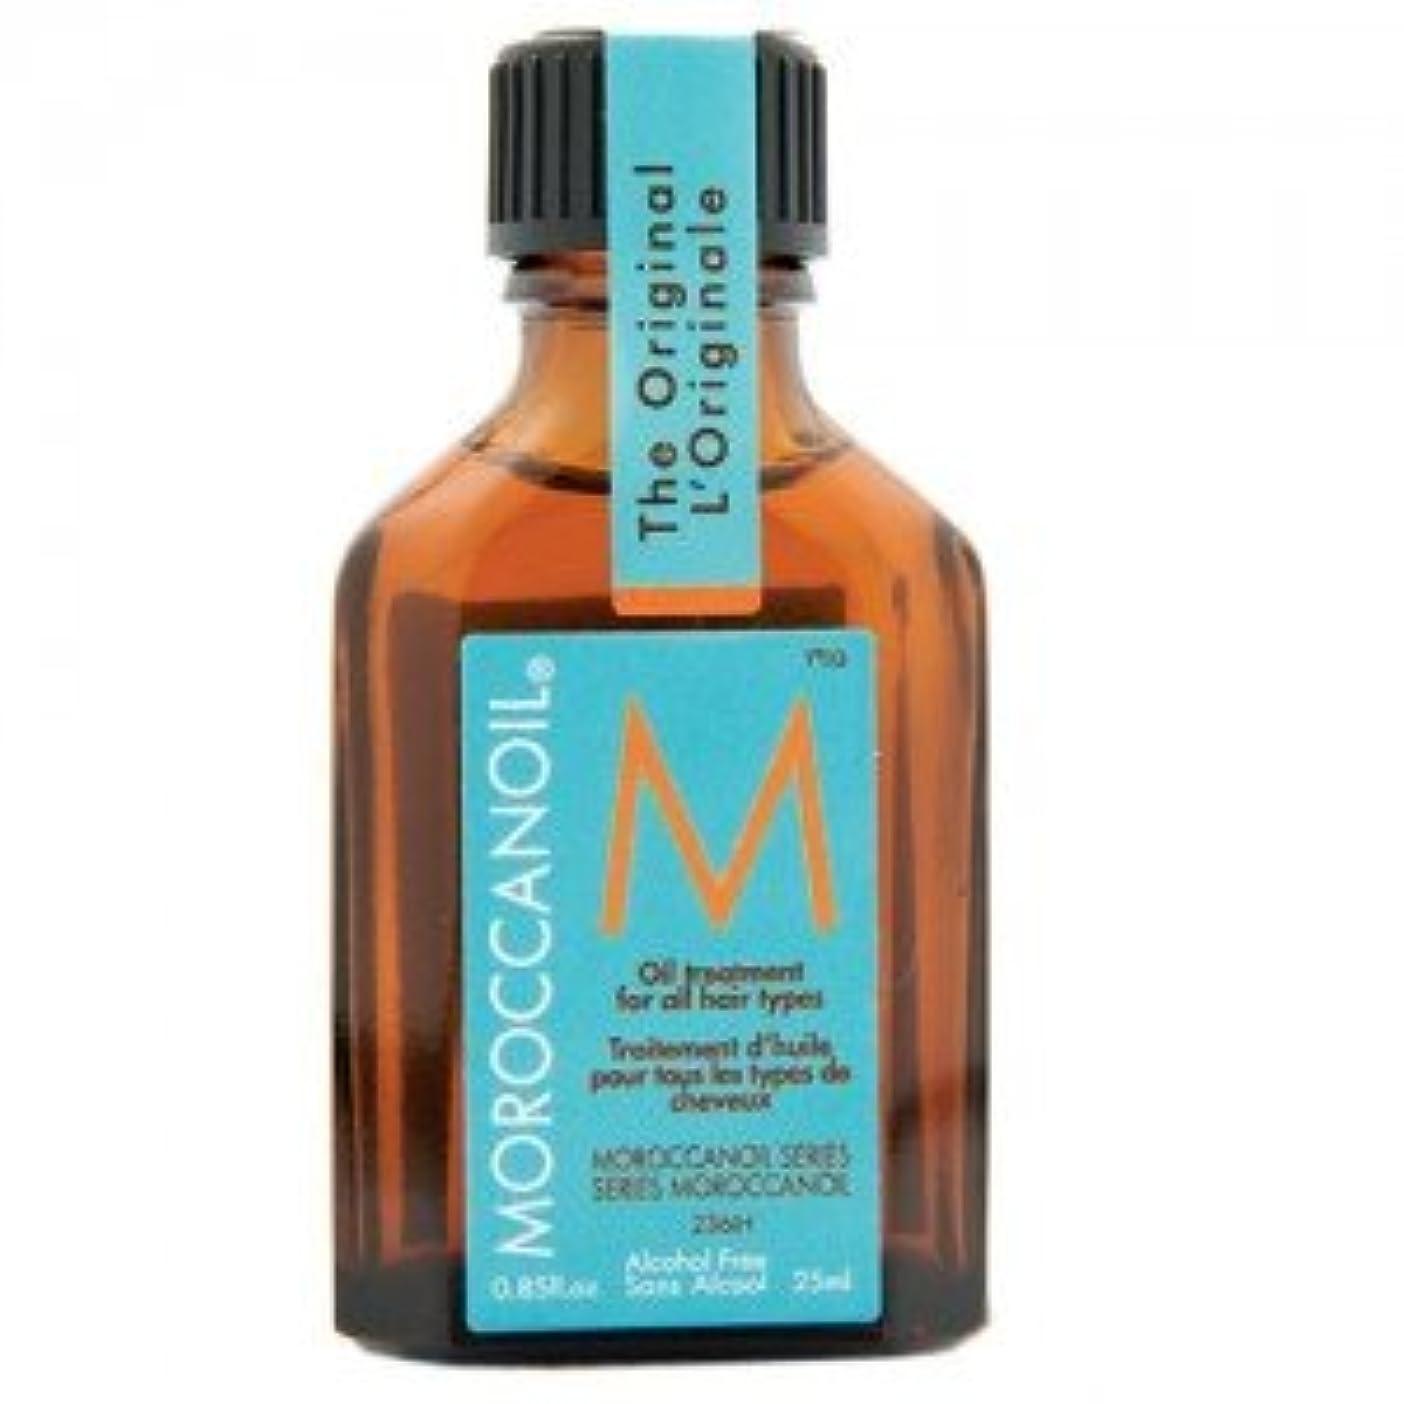 ブームマイルカビモロッカンオイル(MOROCCANOIL) モロッカンオイル 25ml[並行輸入品]